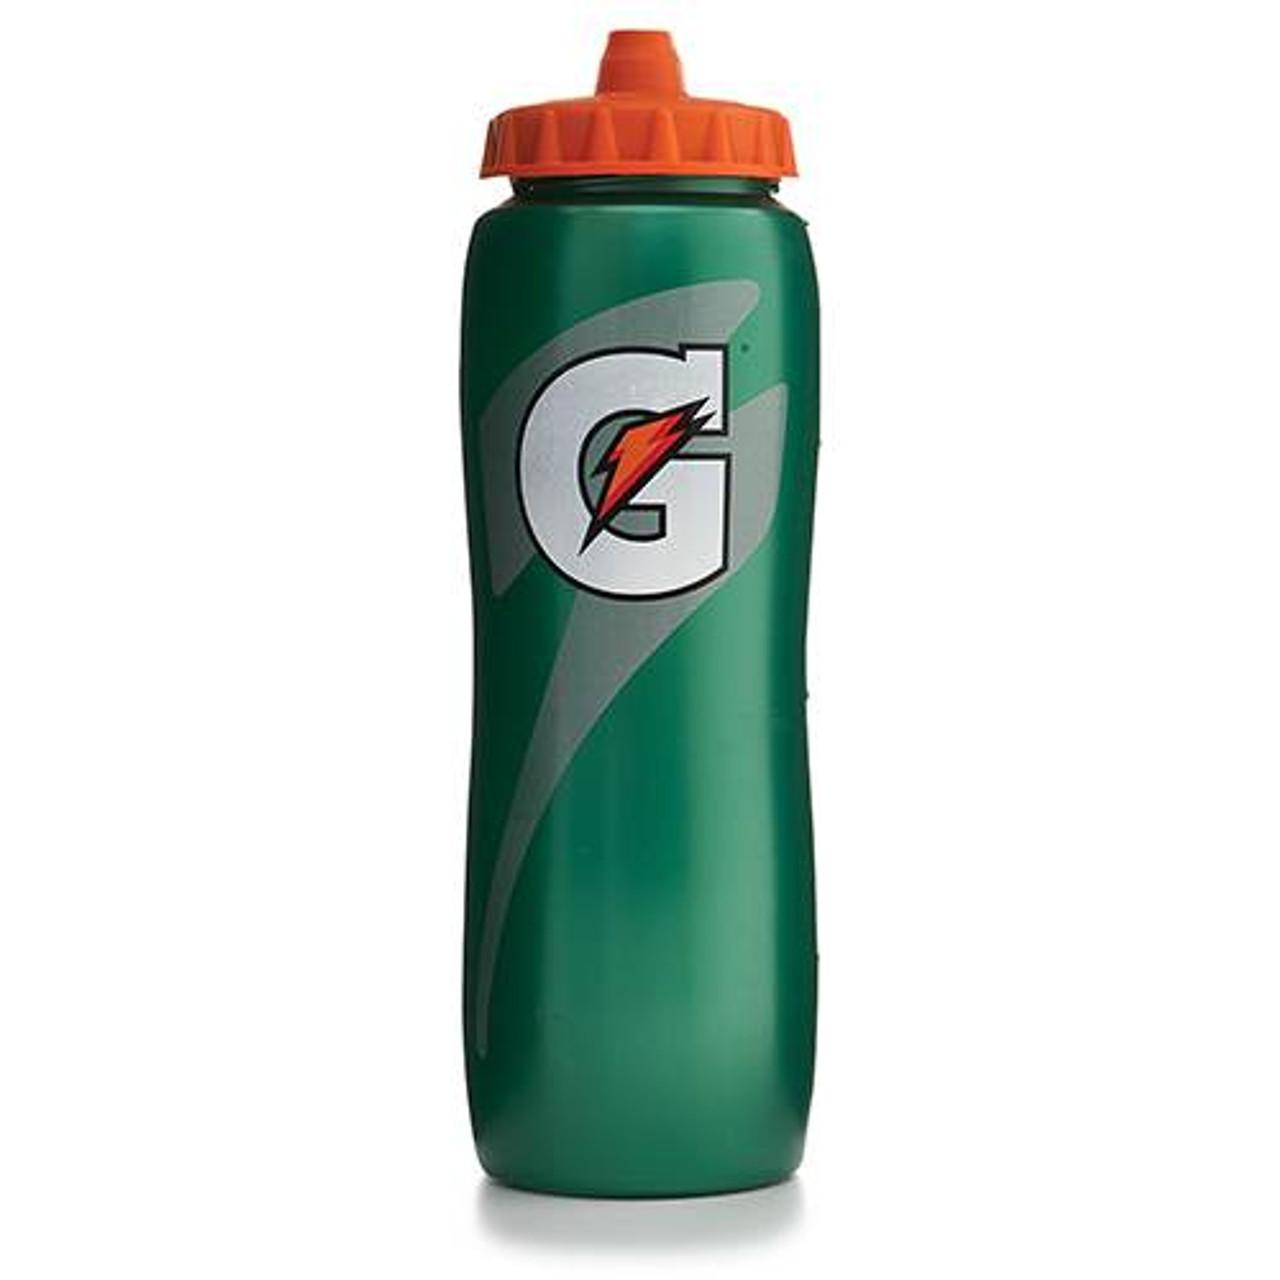 Gatorade 32 oz. Water Bottle